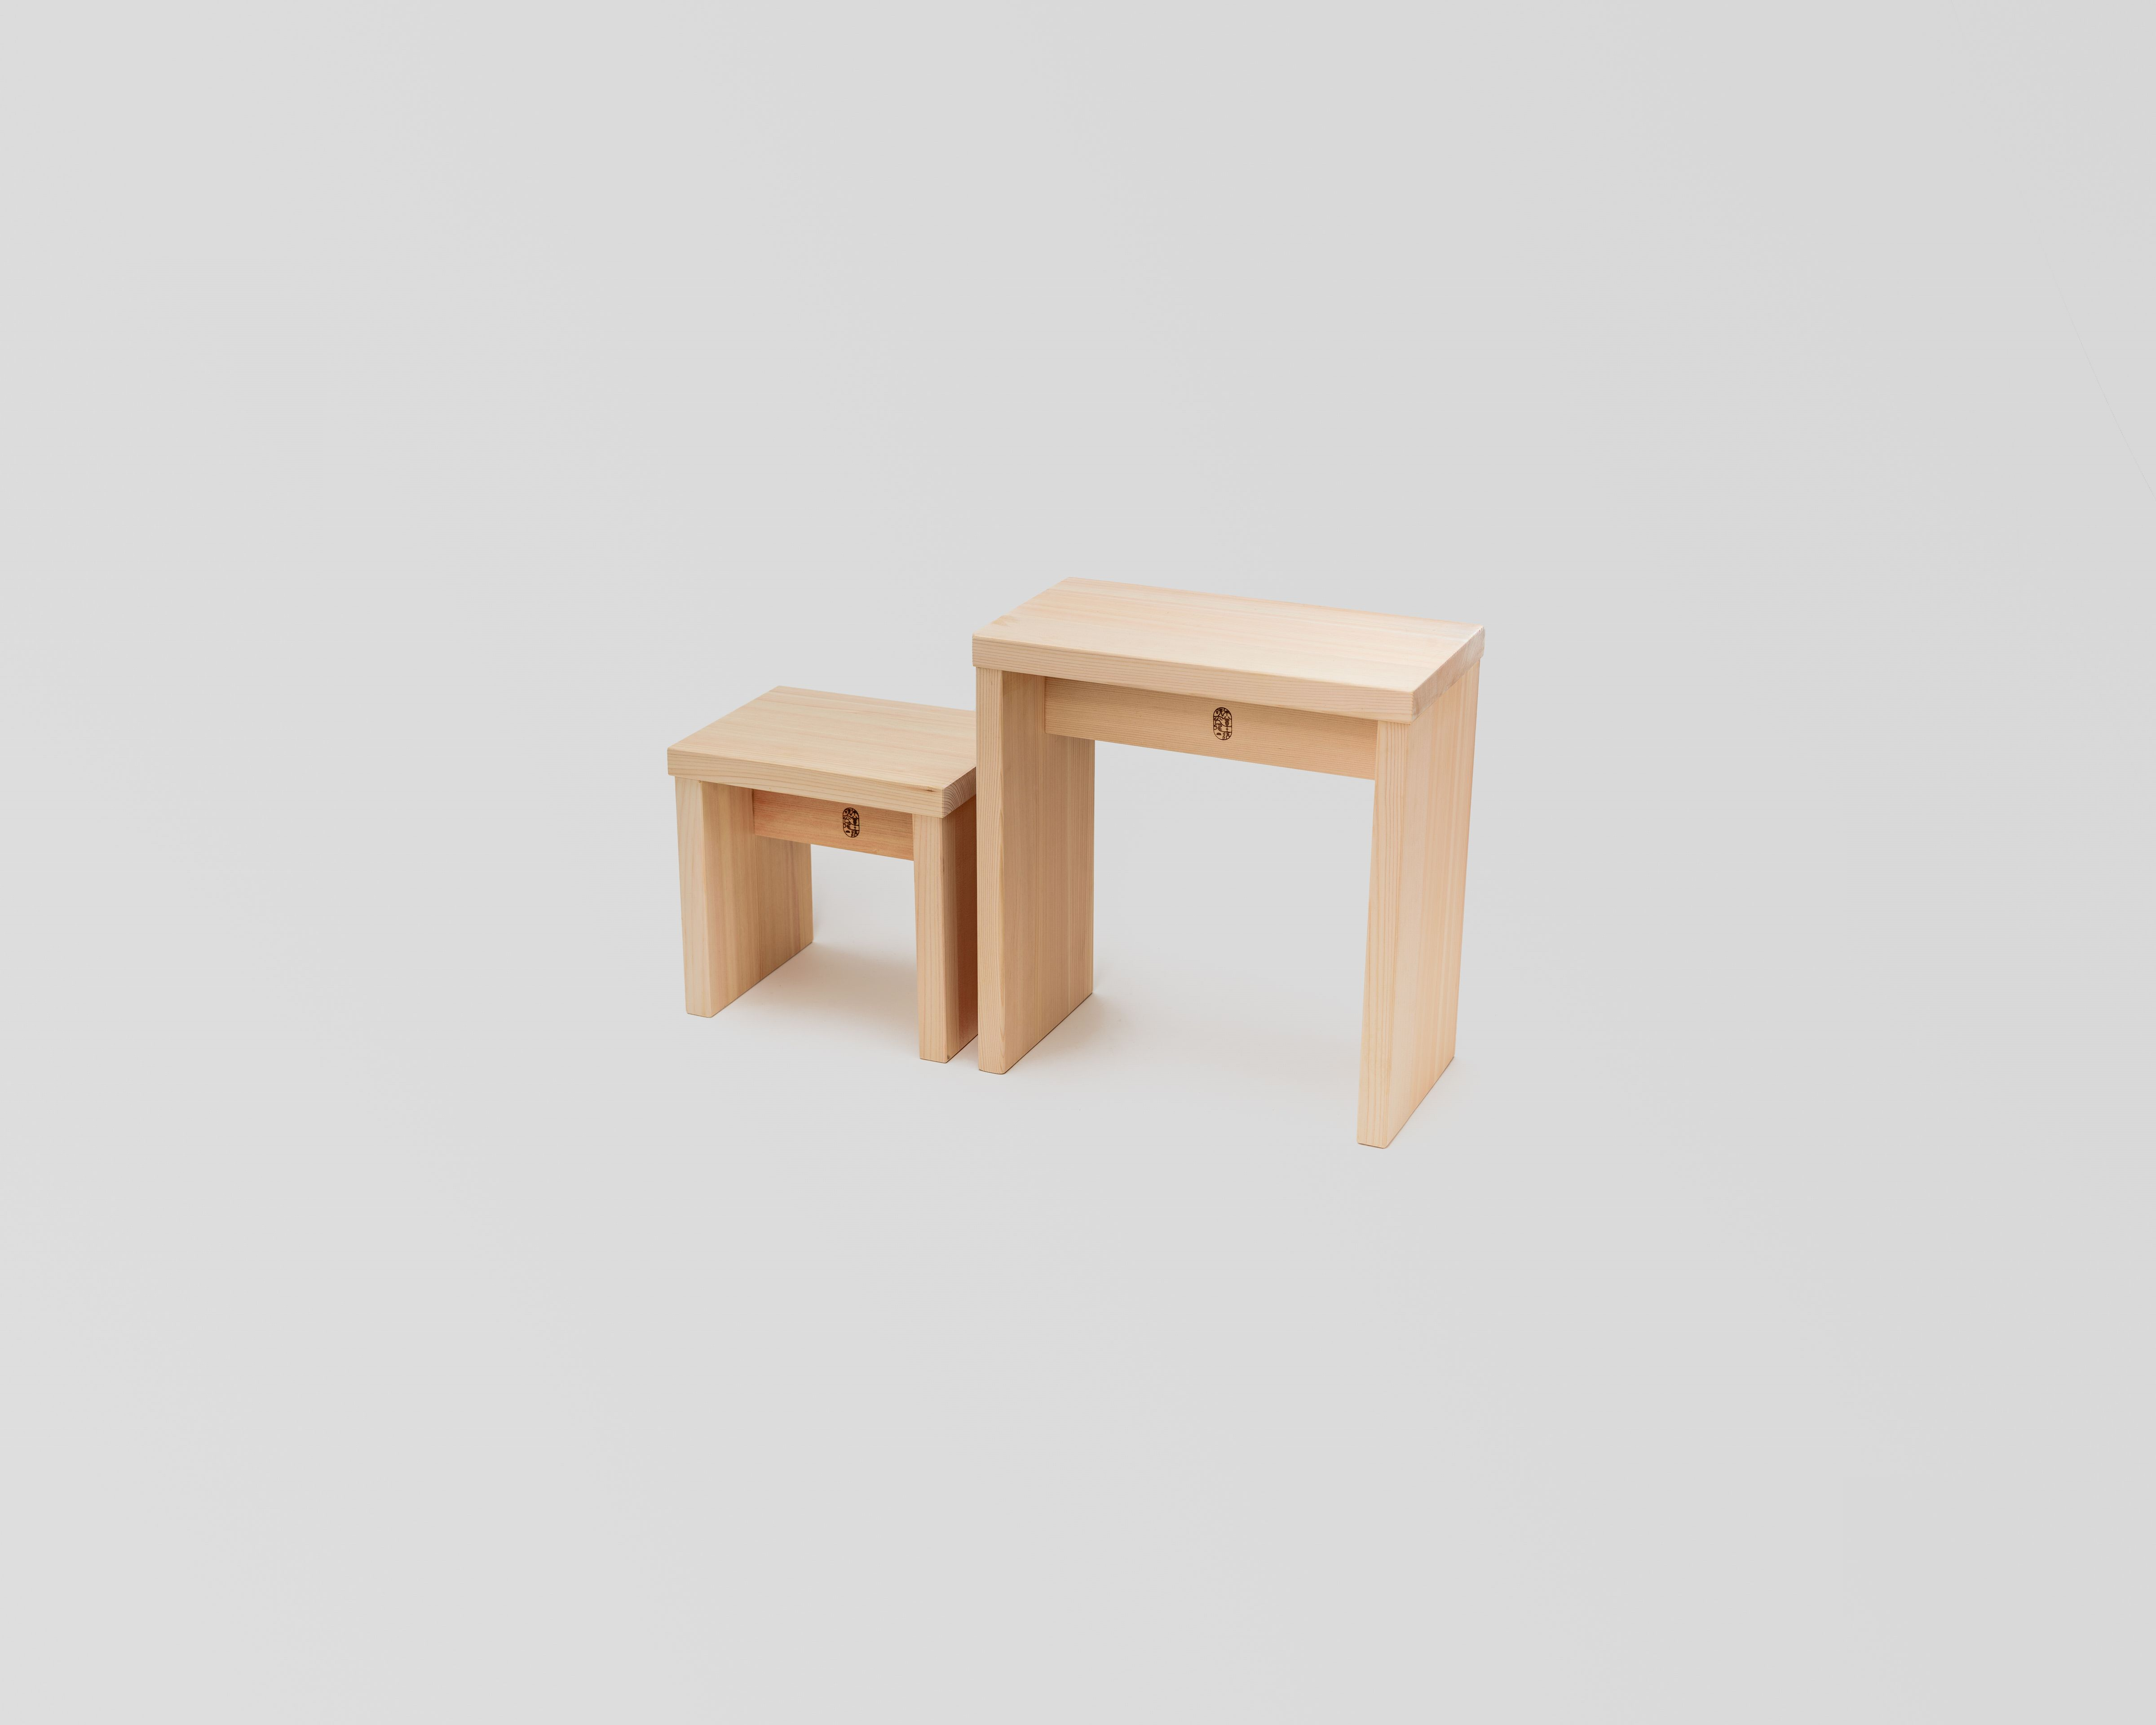 NEW木曽のヒノキでつくった親子風呂椅子04